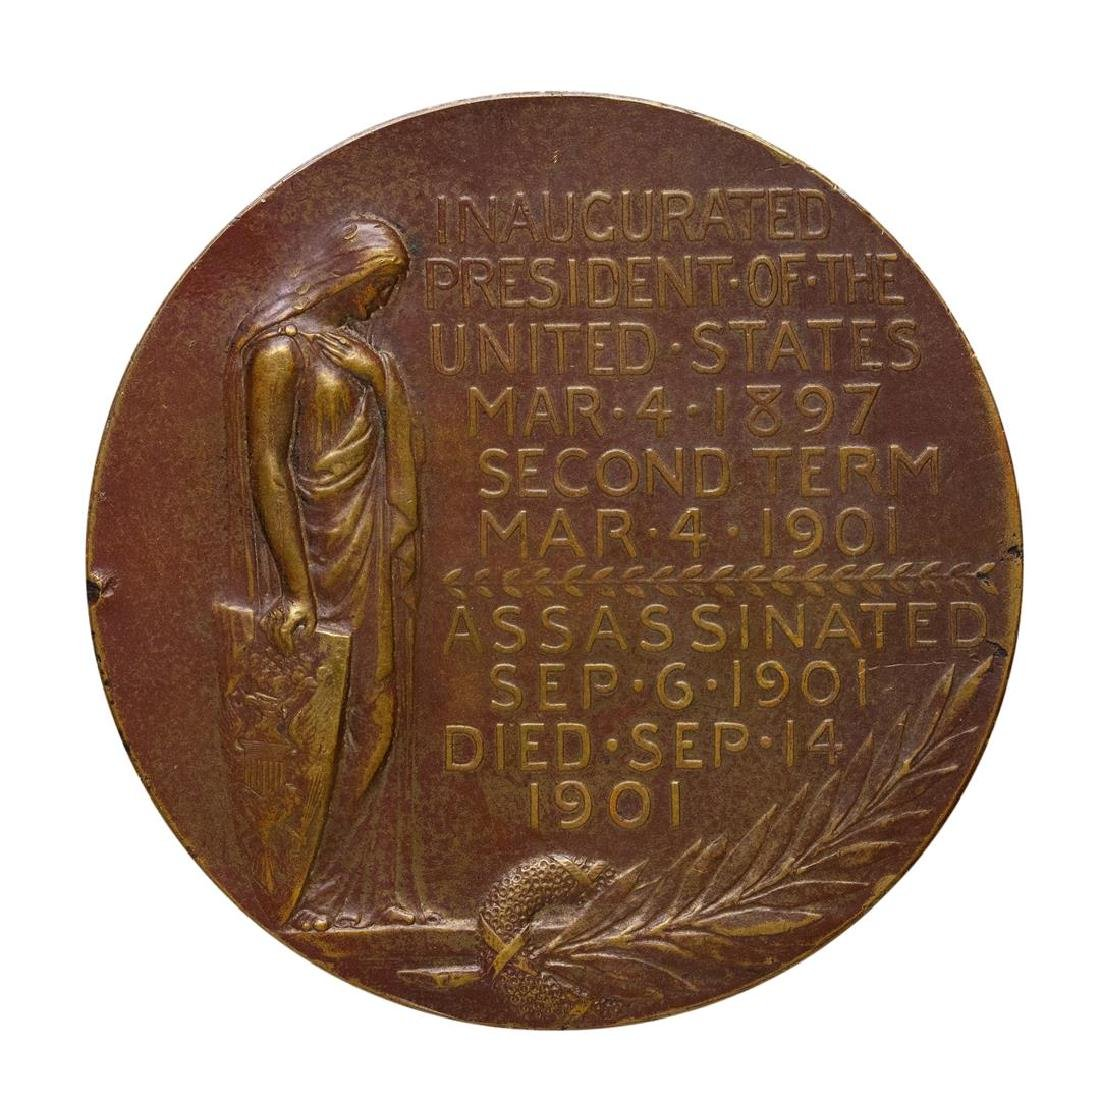 Large 1901 William McKinley Commemorative Medal - 2